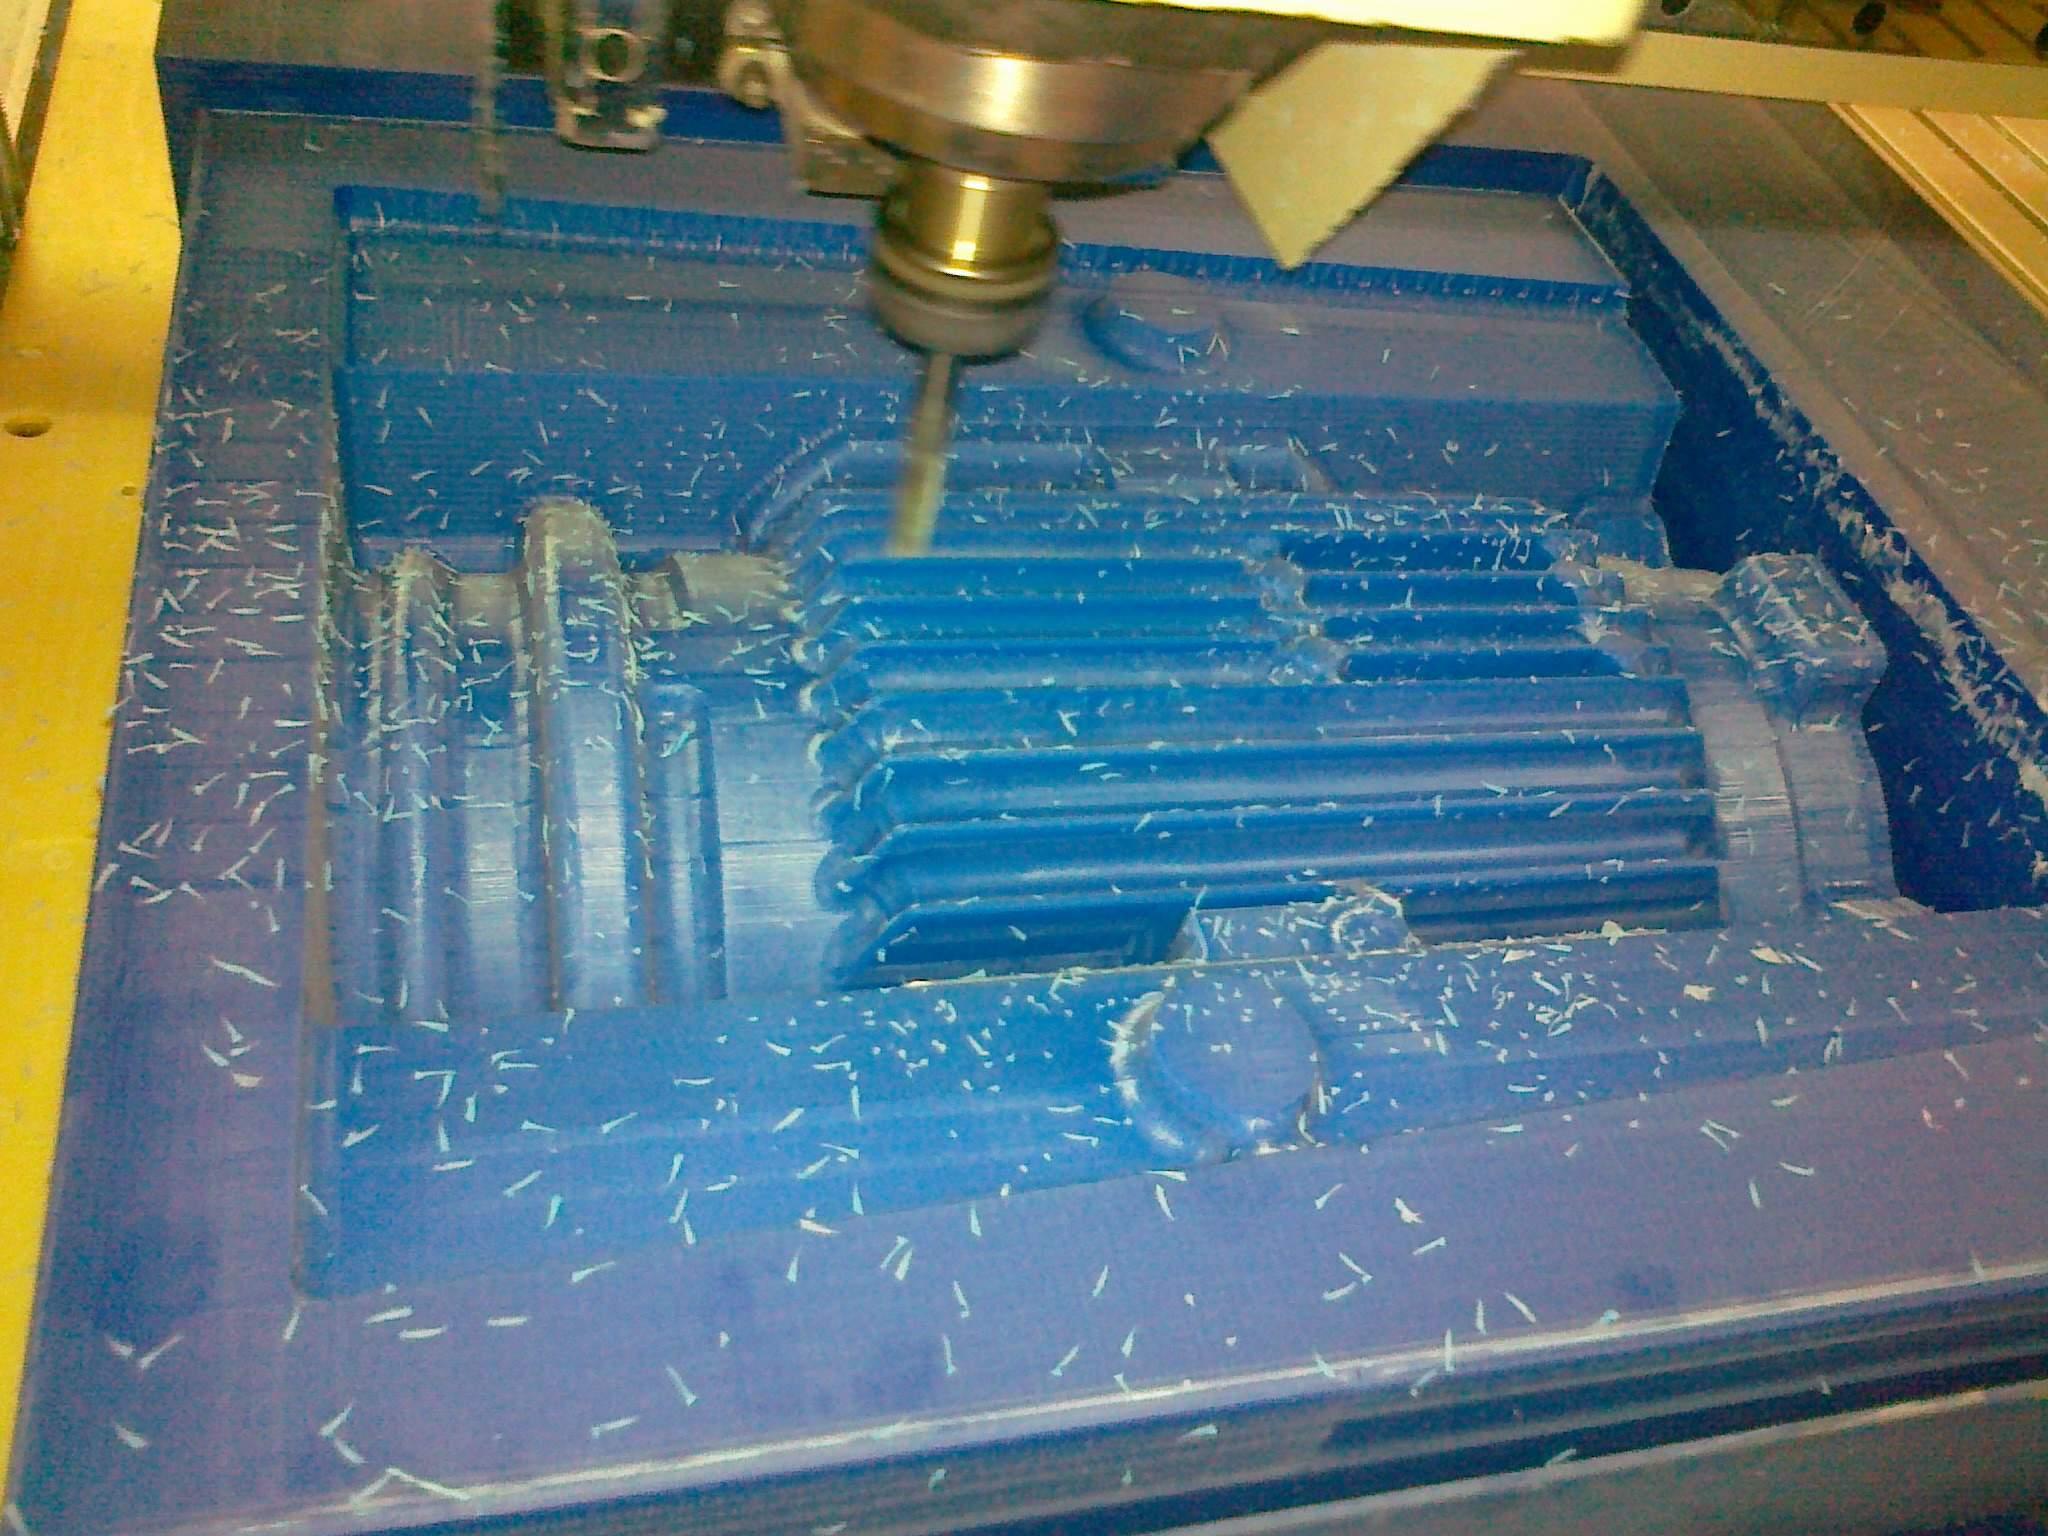 станок для изготовления модельной оснастки